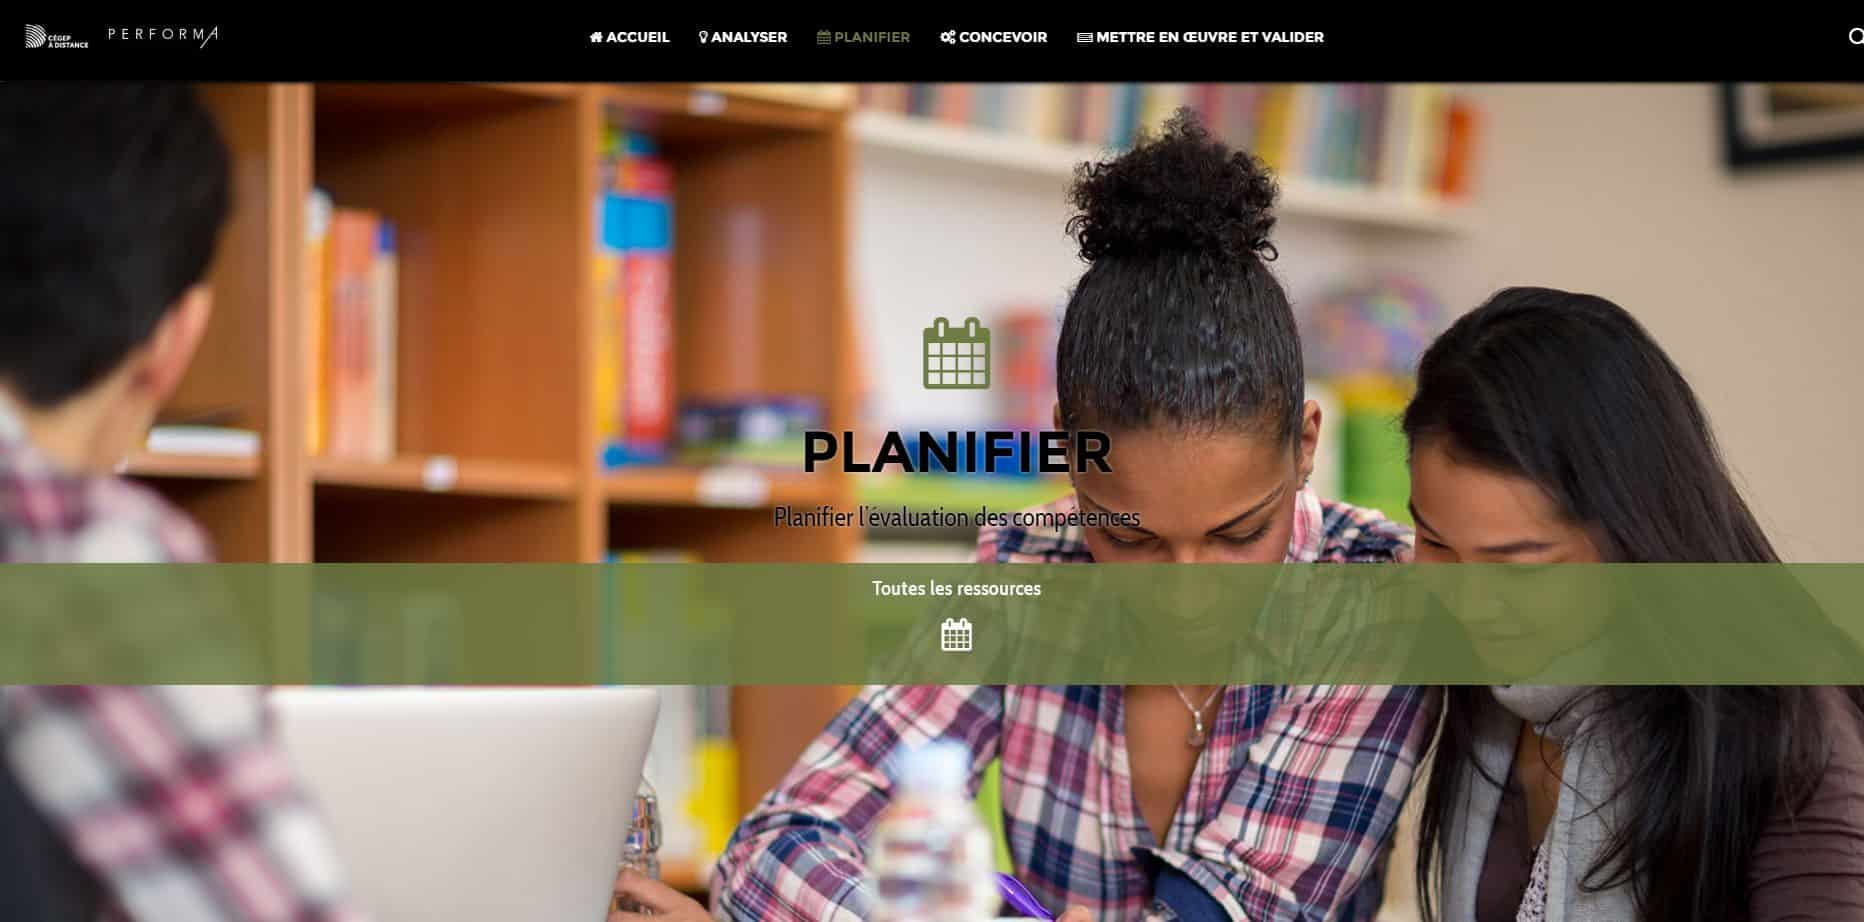 conception-web-pour-programme-pcuc-4.jpg